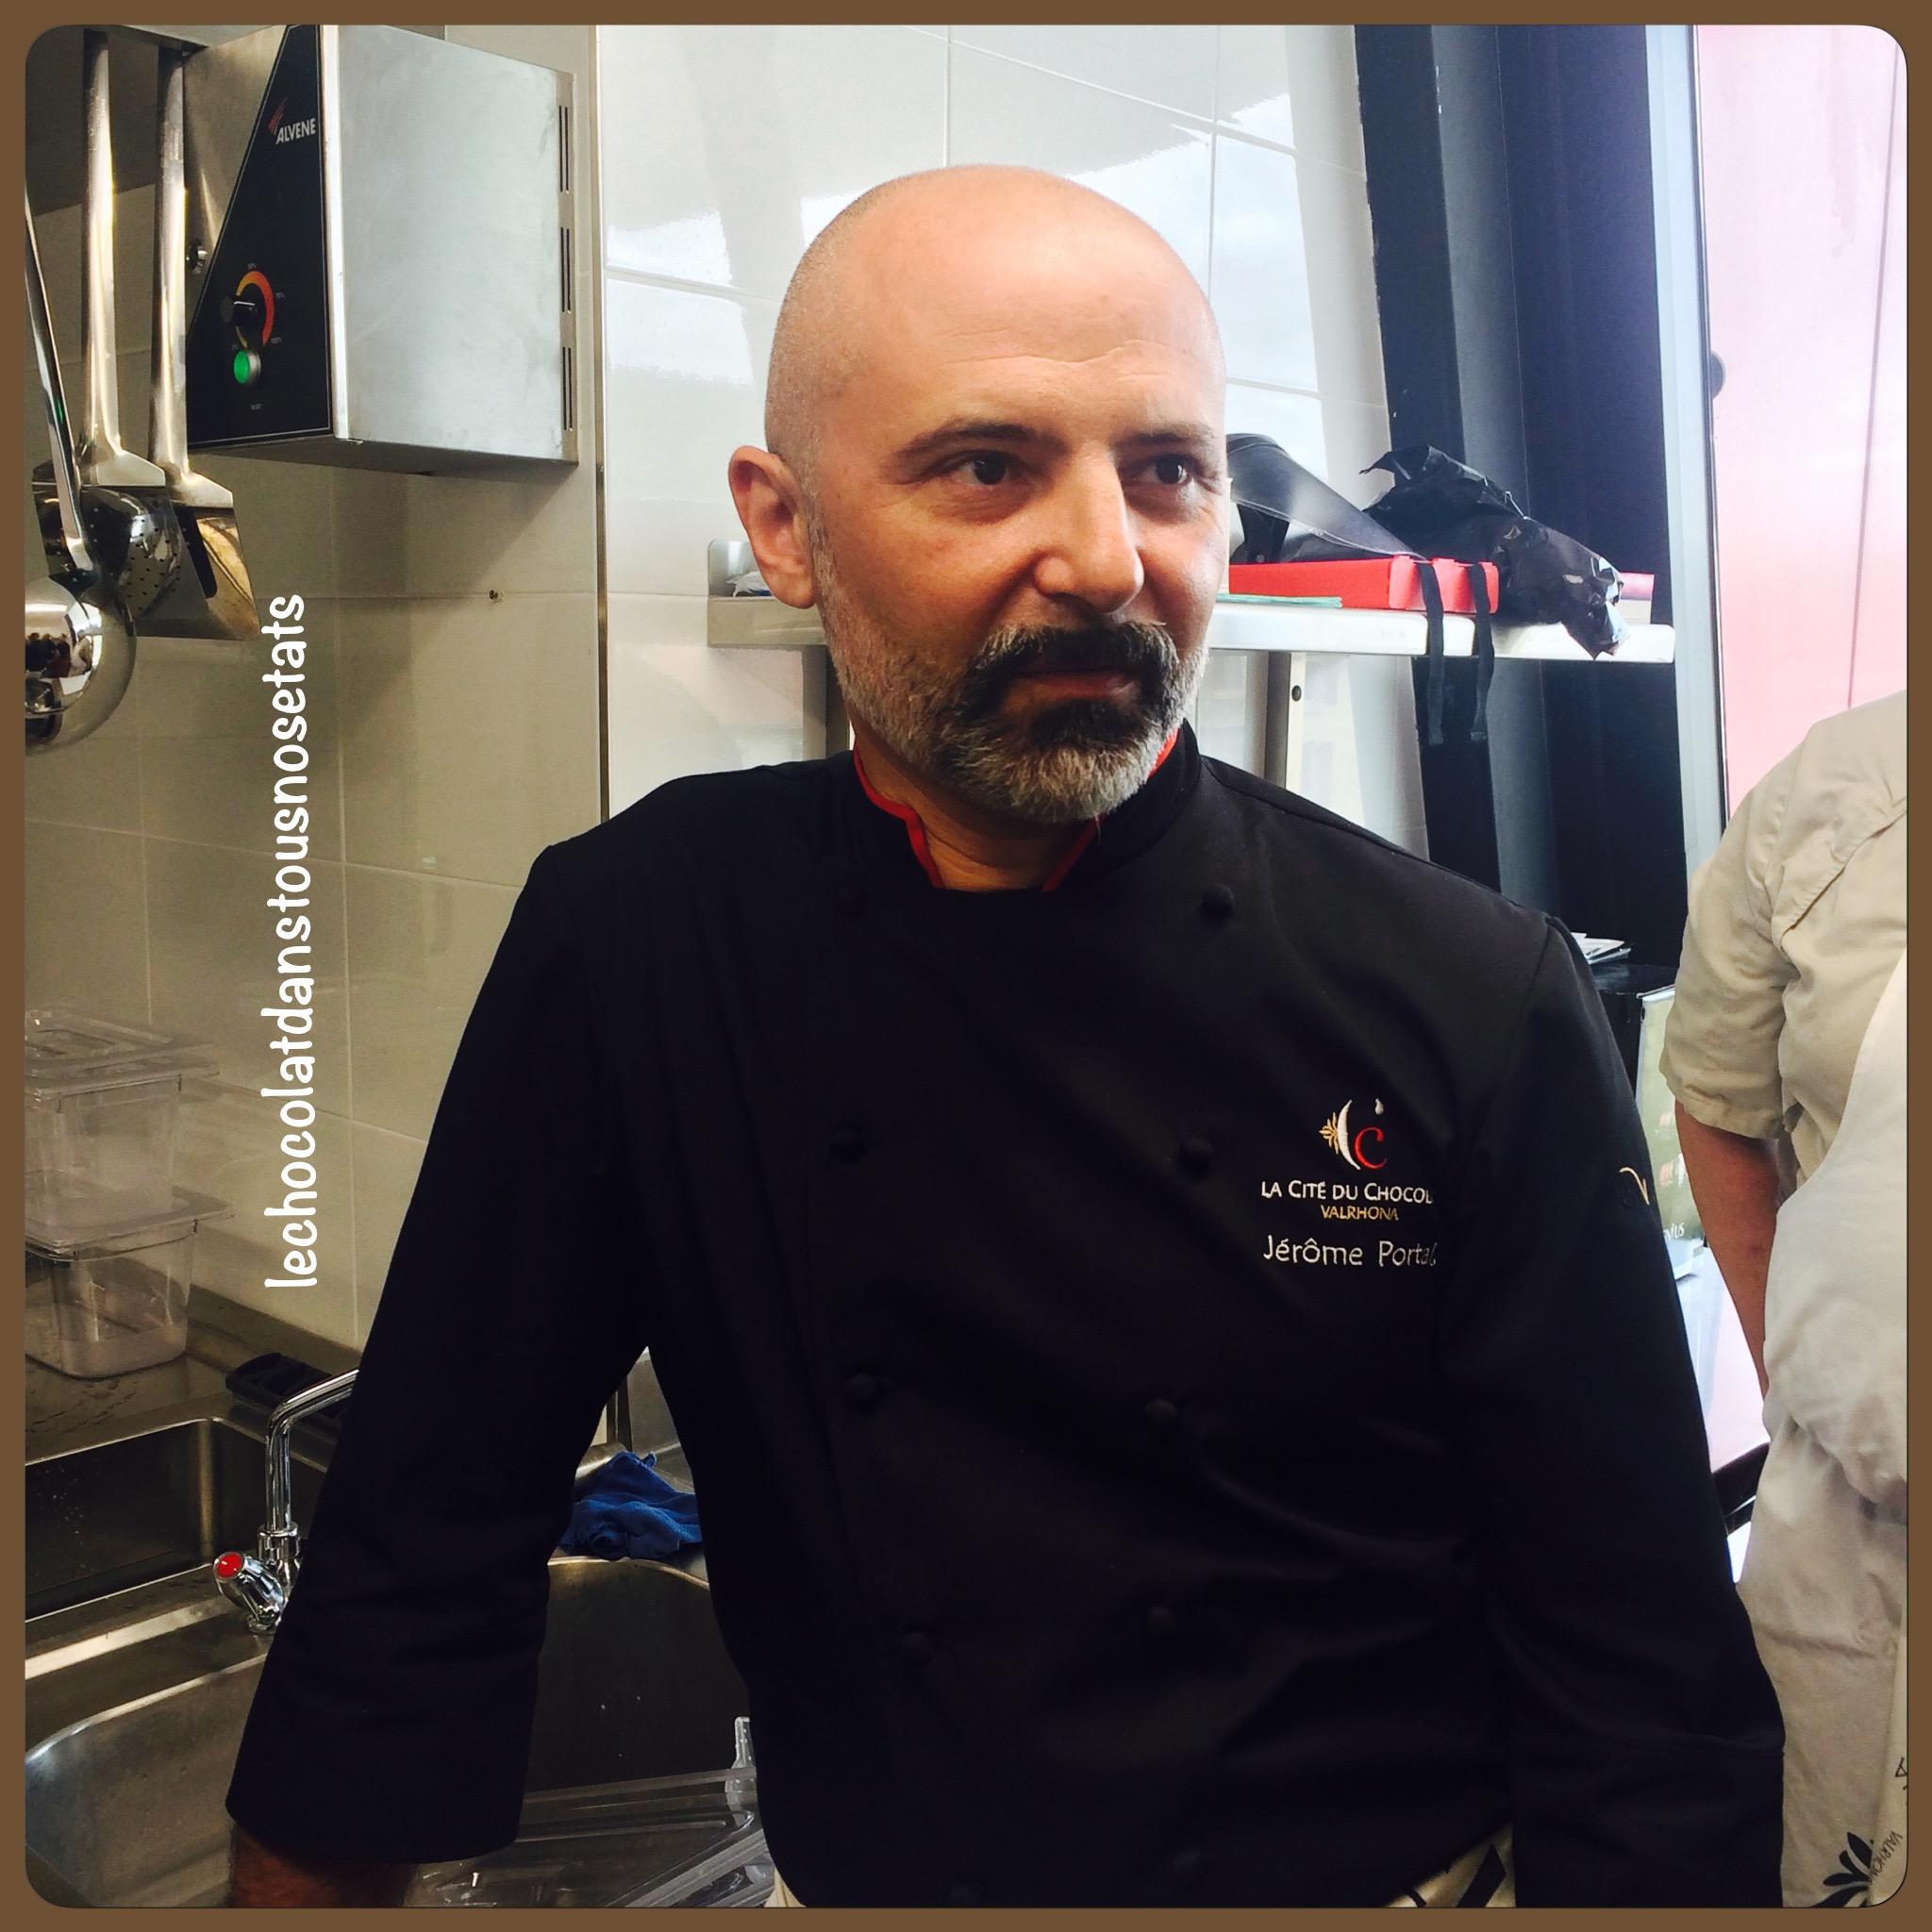 Jérôme Portal, Chef du comptoir Porcelana, recettes de Frédéric Bau